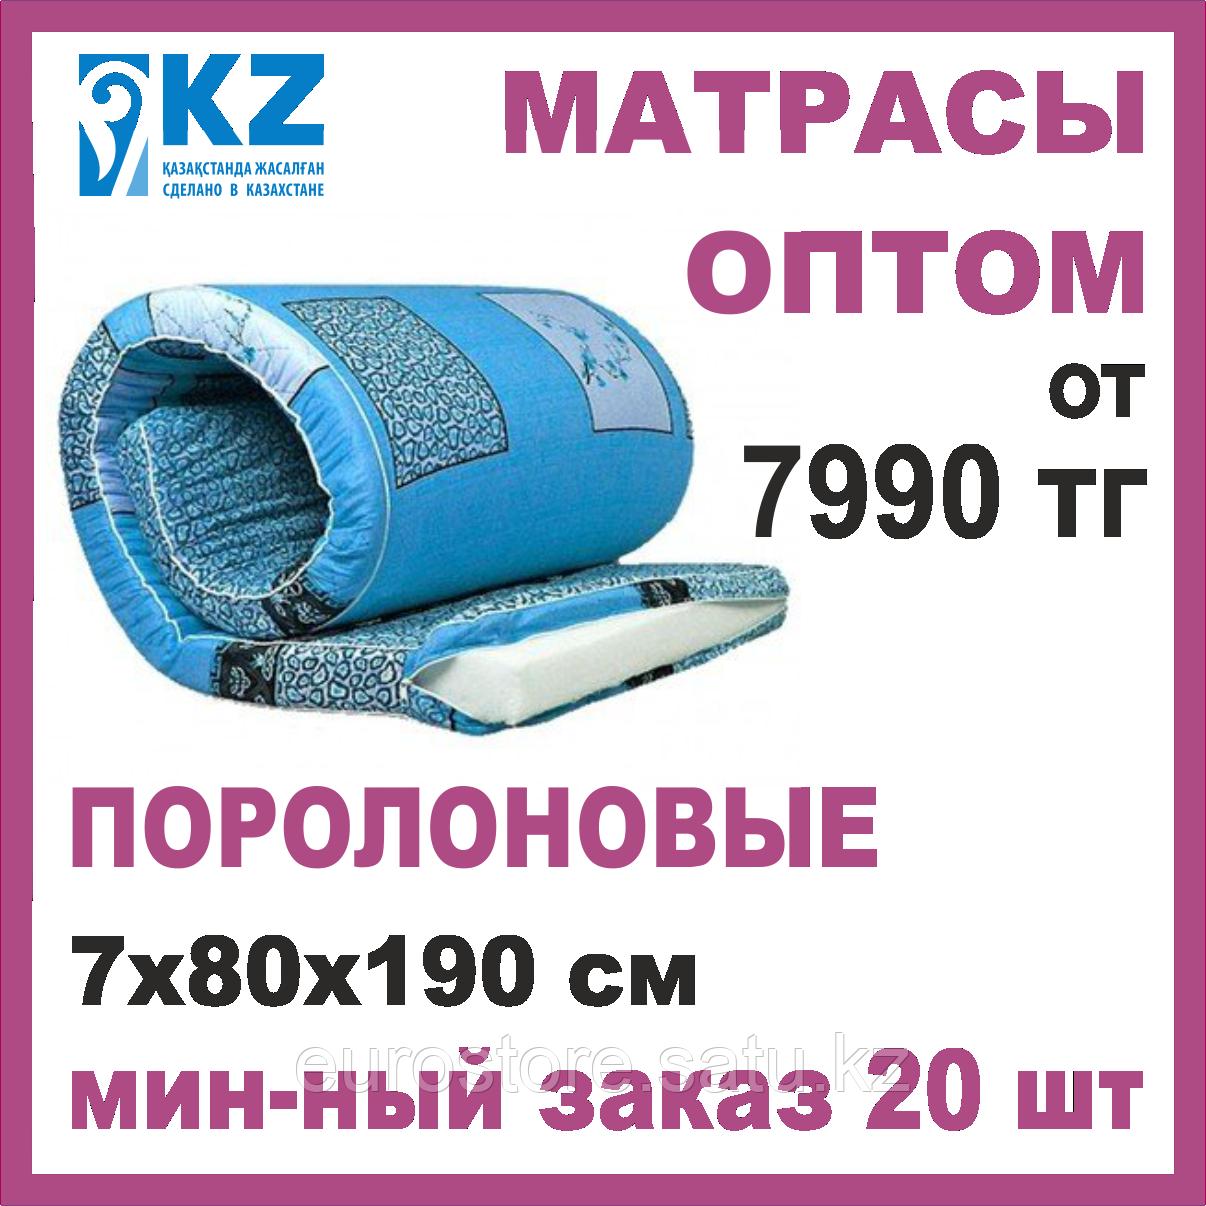 Матрас поролоновый 7х190х80см